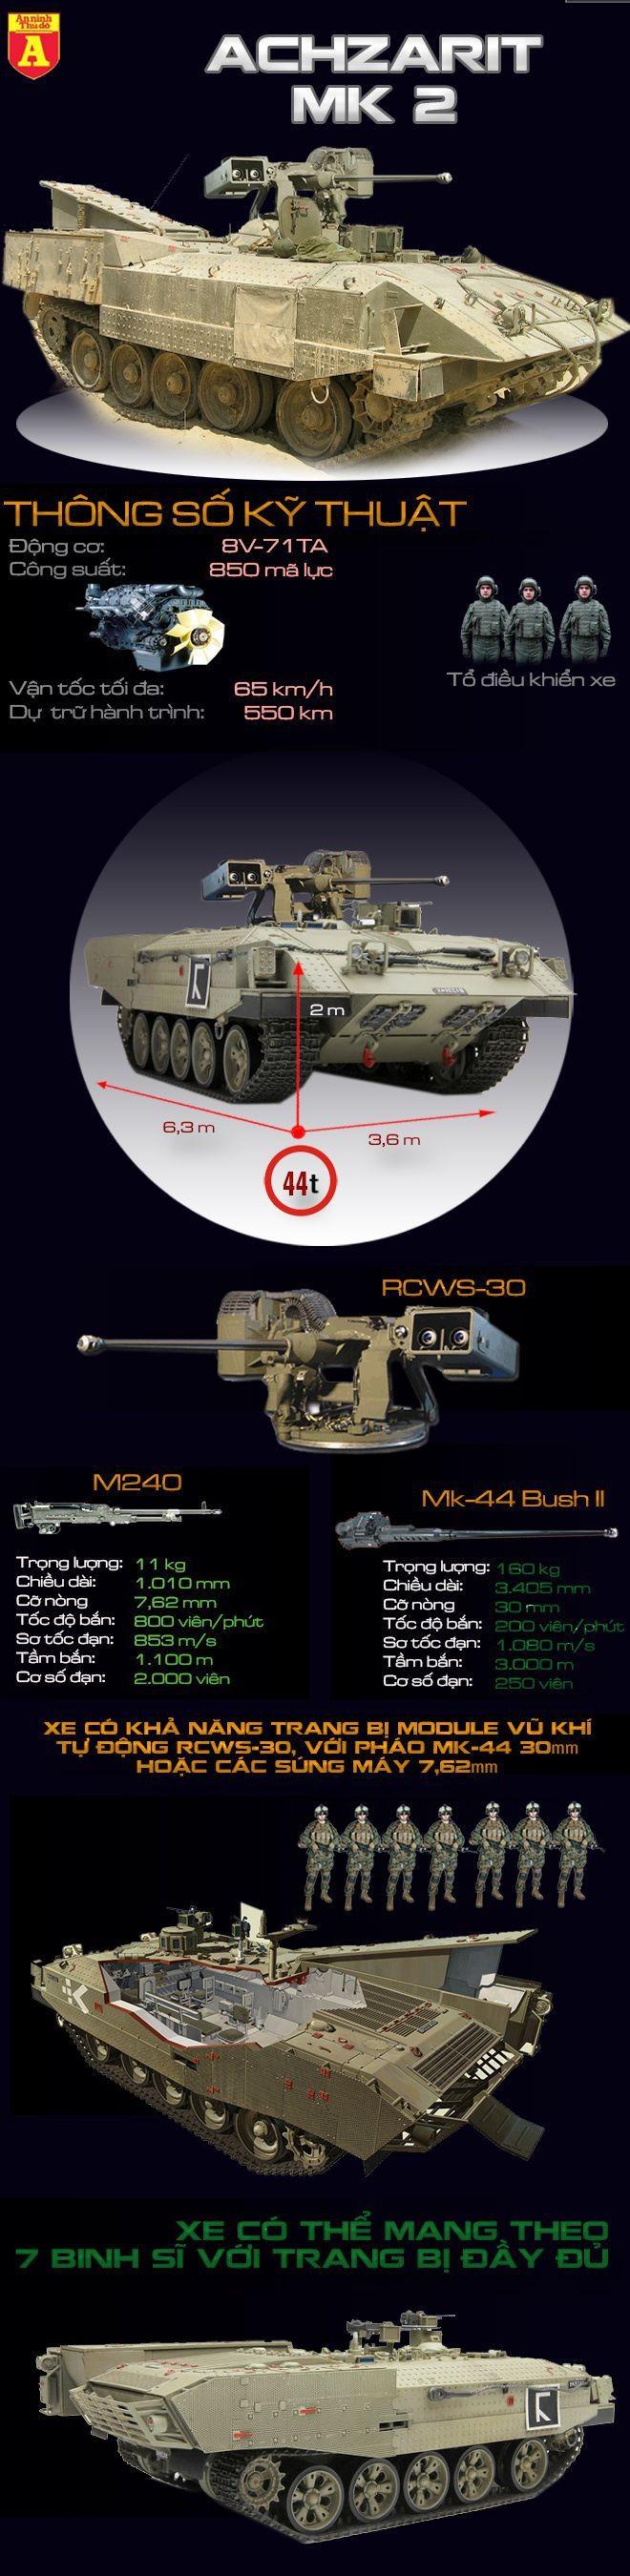 """[Infographic] Giải pháp khiến tăng T-54 Việt Nam """"cải lão hoàn đồng"""" ảnh 2"""